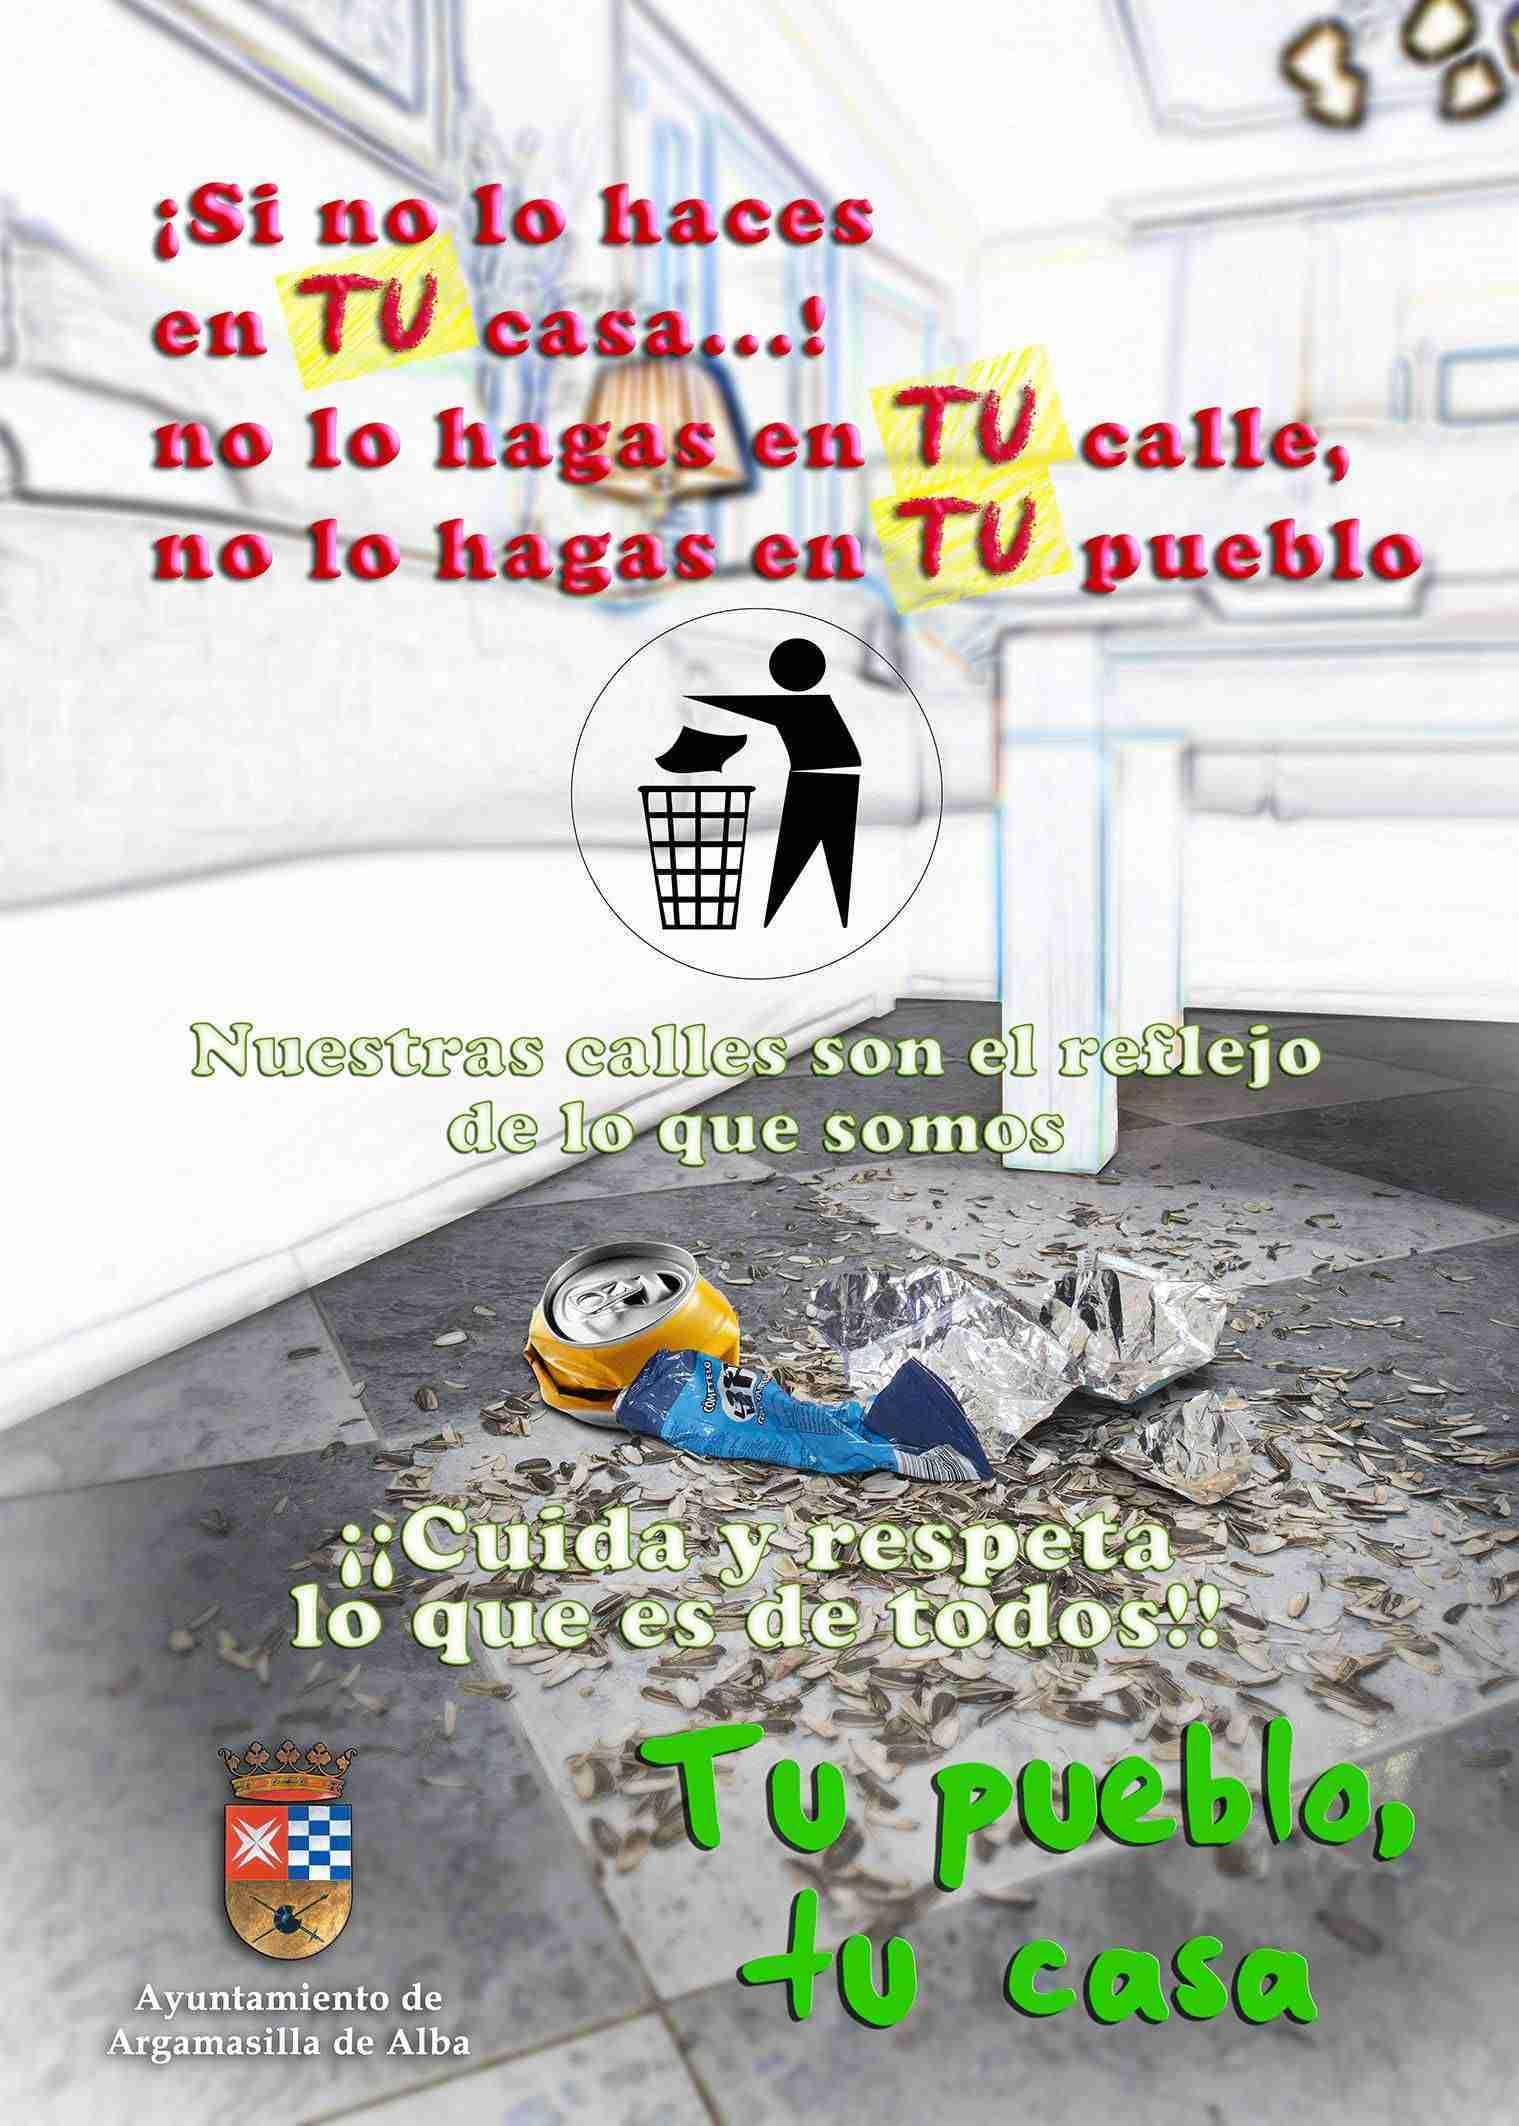 Argamasilla de Alba lanza una nueva campaña de limpieza en los espacios públicos 1